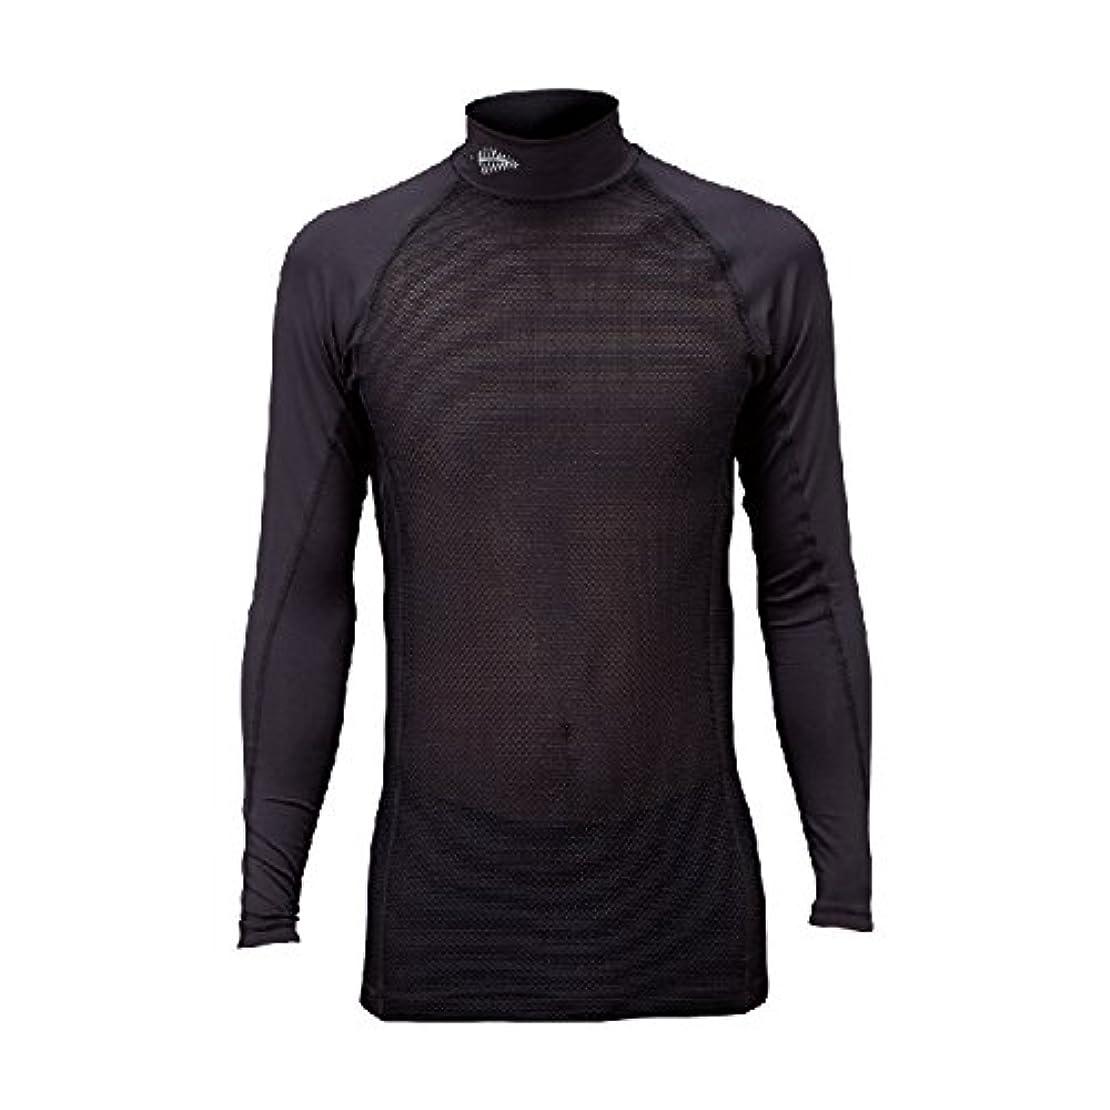 医療過誤割り当てる無しフリーノット(FREE KNOT) SUNSHADE レイヤードアンダーシャツ 90.ブラック L Y1635